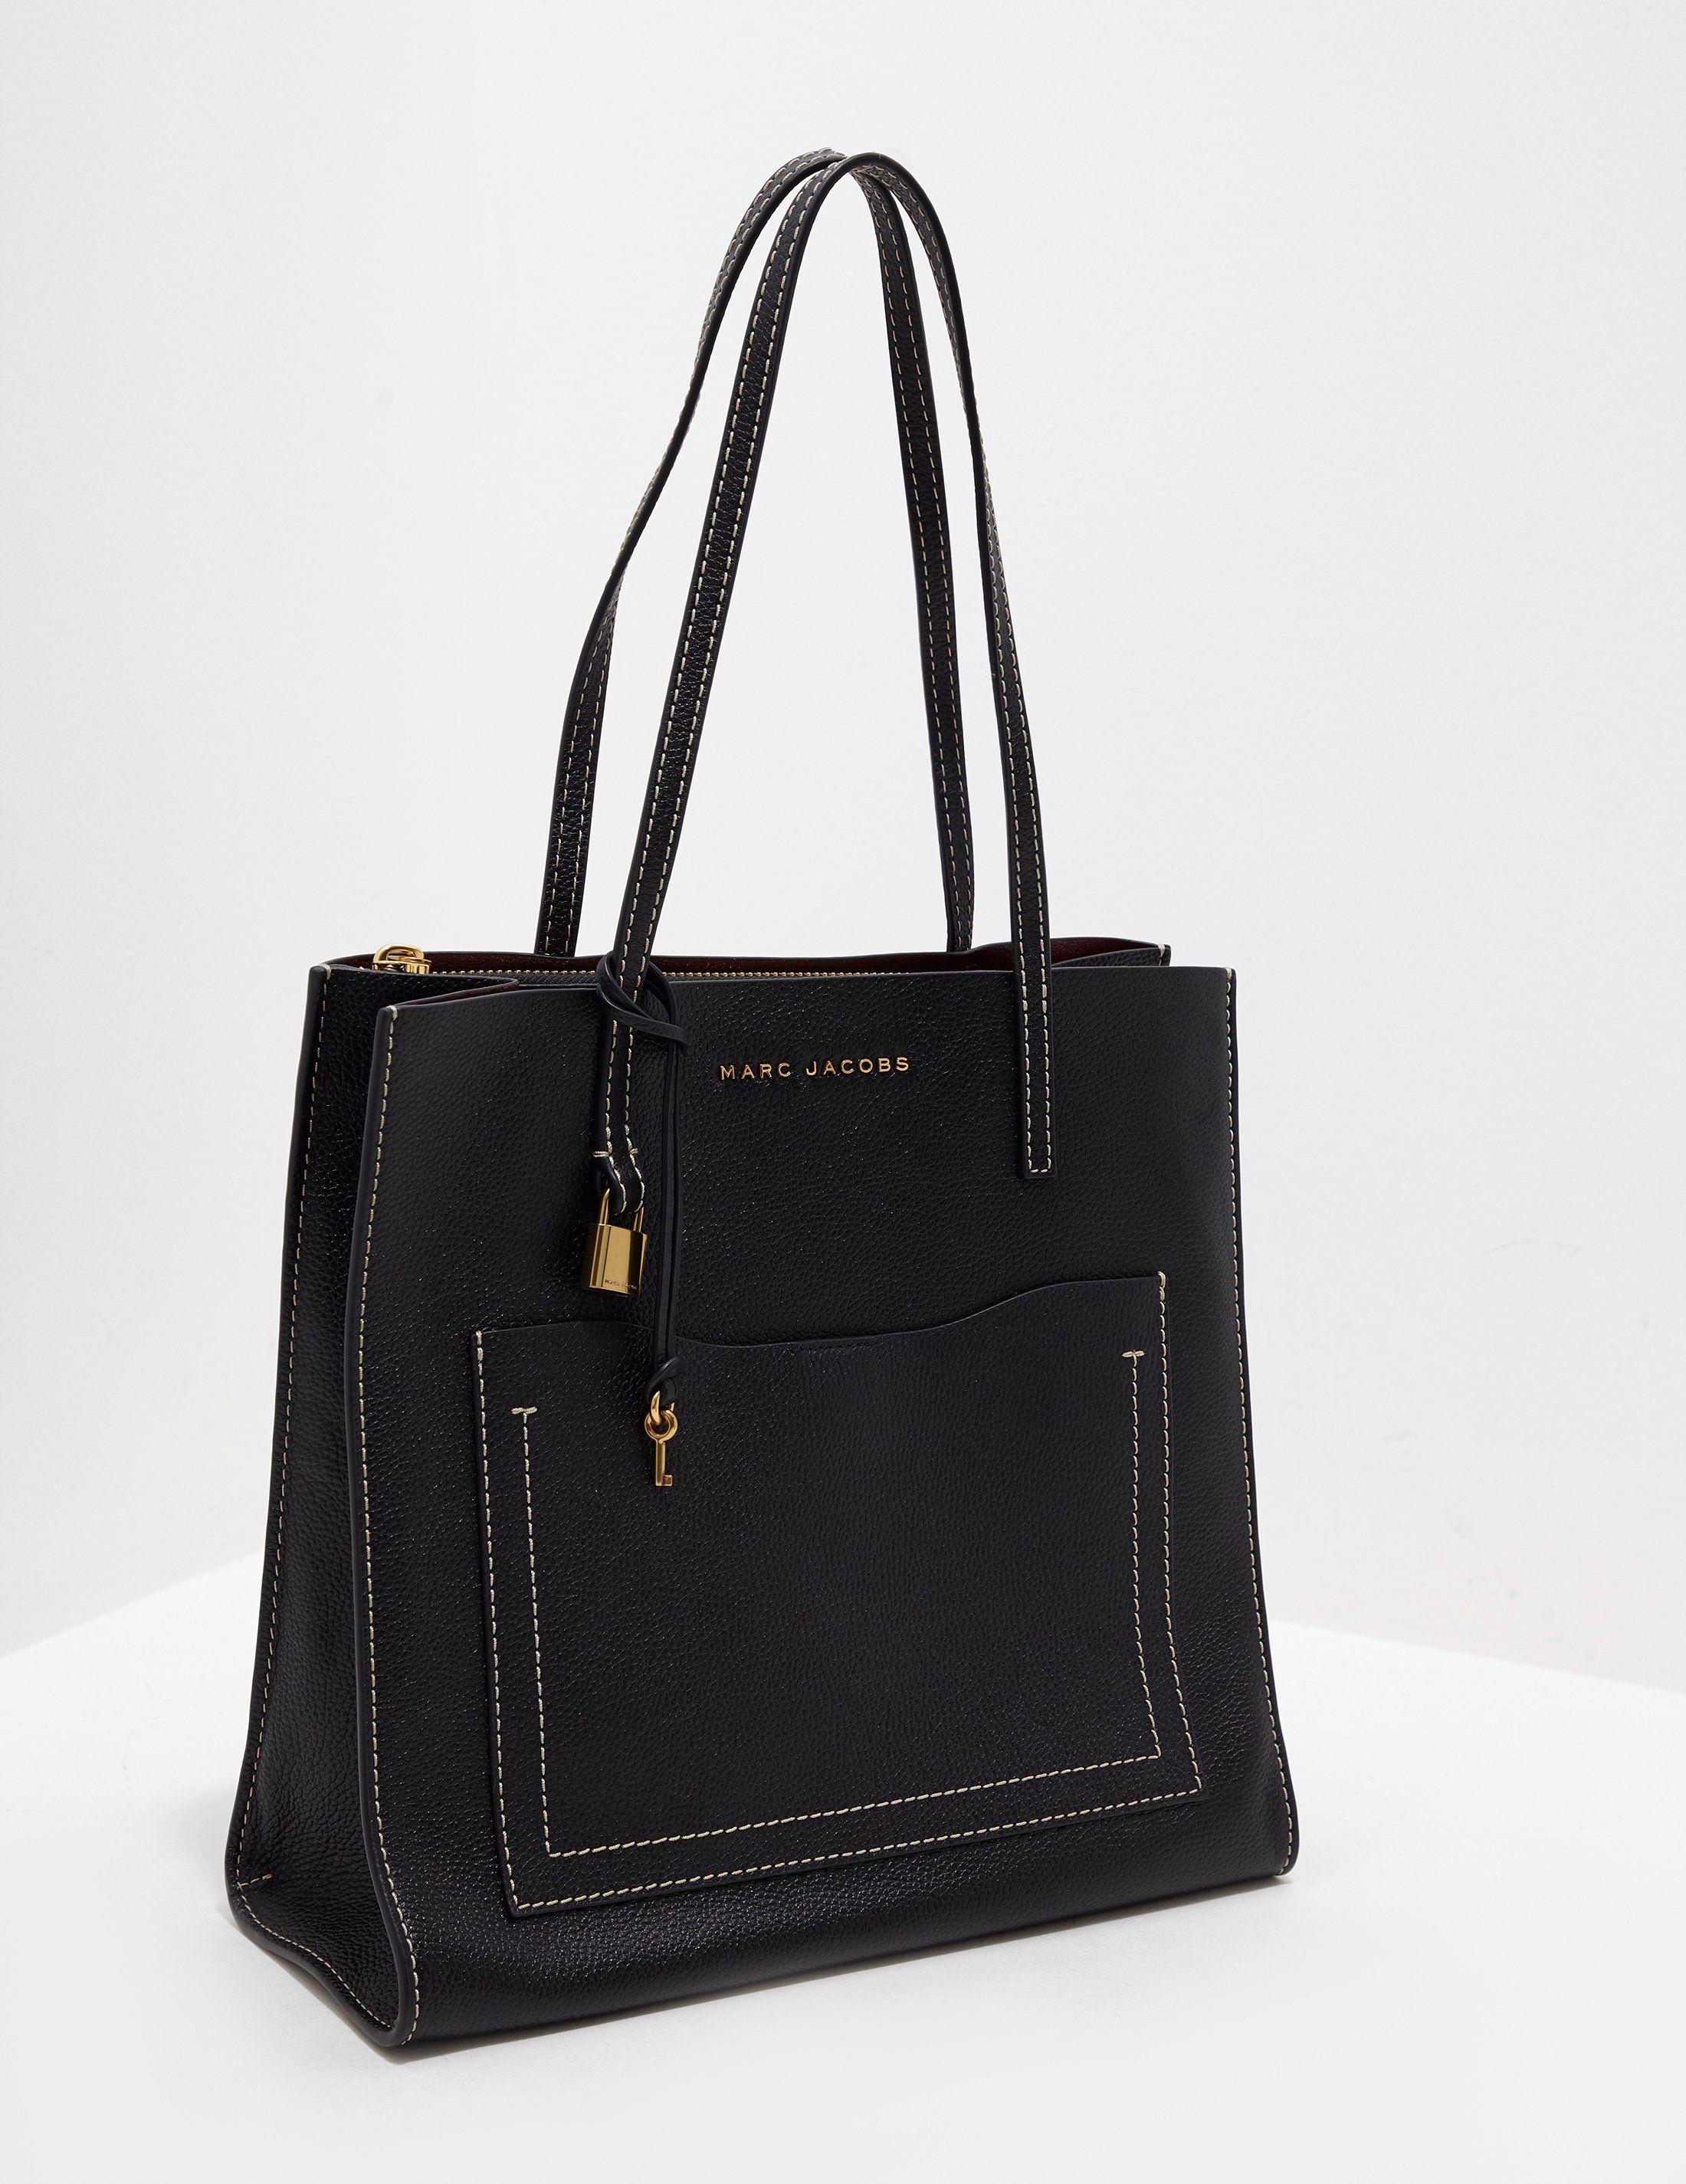 Marc Jacobs Grind Pocket Bag - Online Exclusive